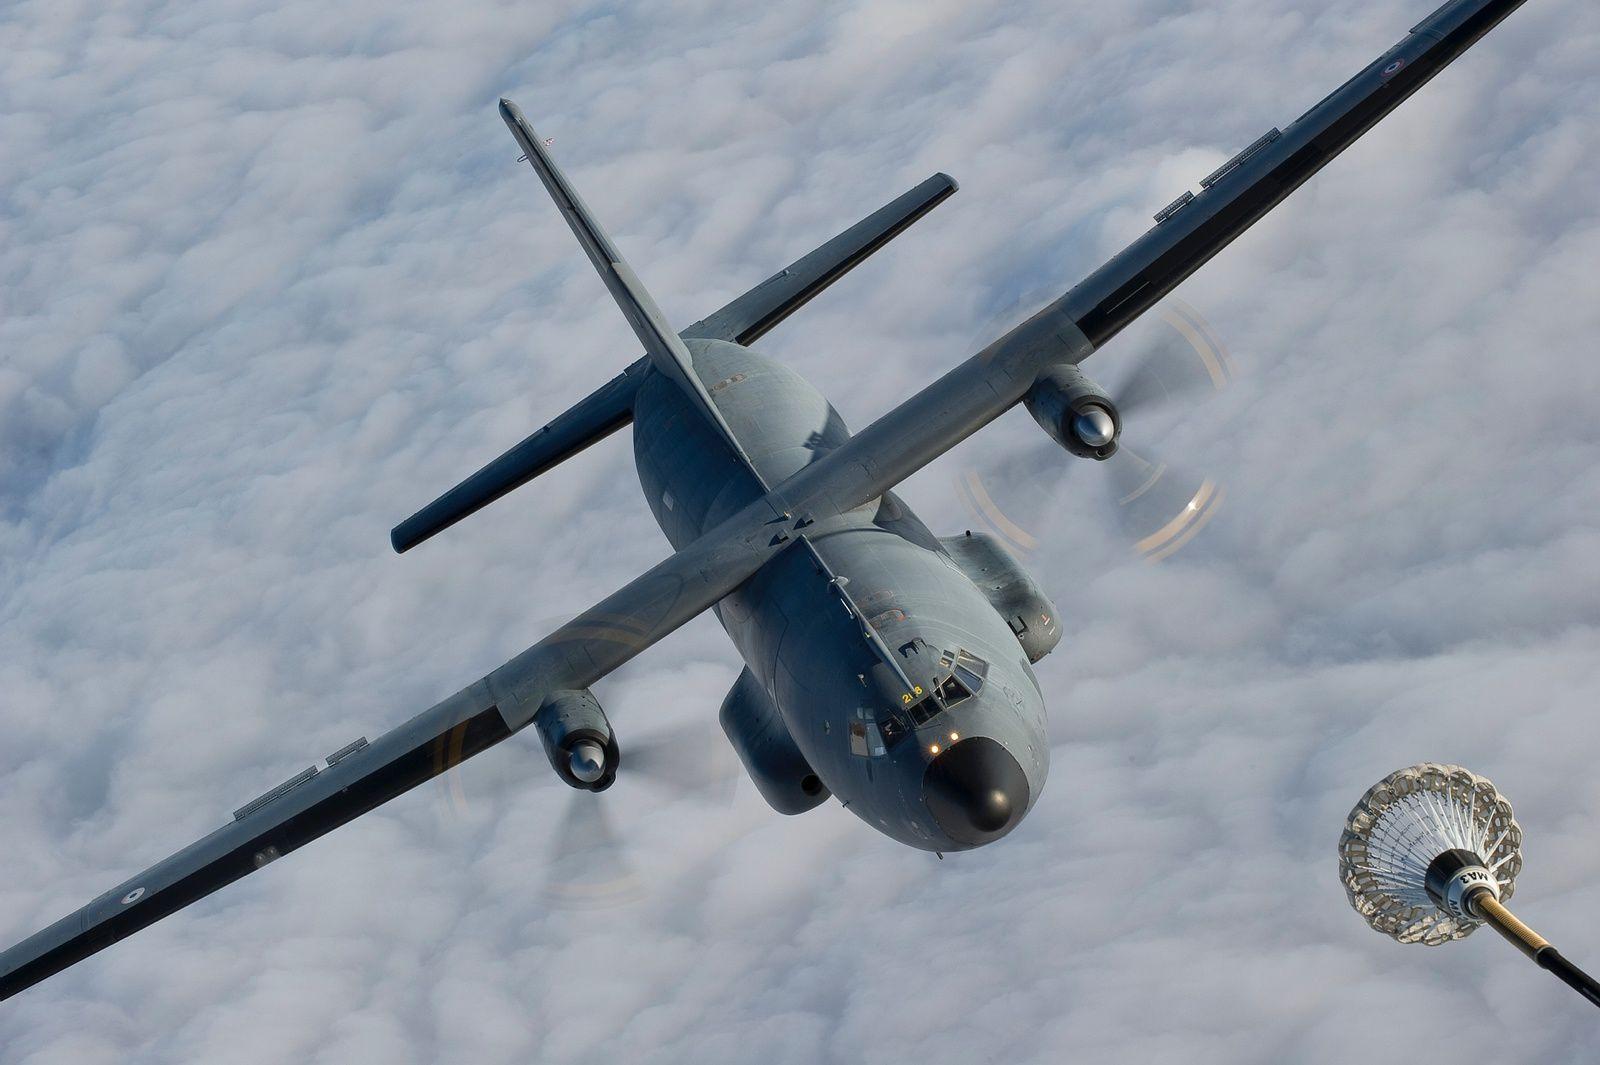 © Armée de l'Air - Un C-160 Transall s'approche d'une perche de ravitaillement en vol lors d'une mission en France.